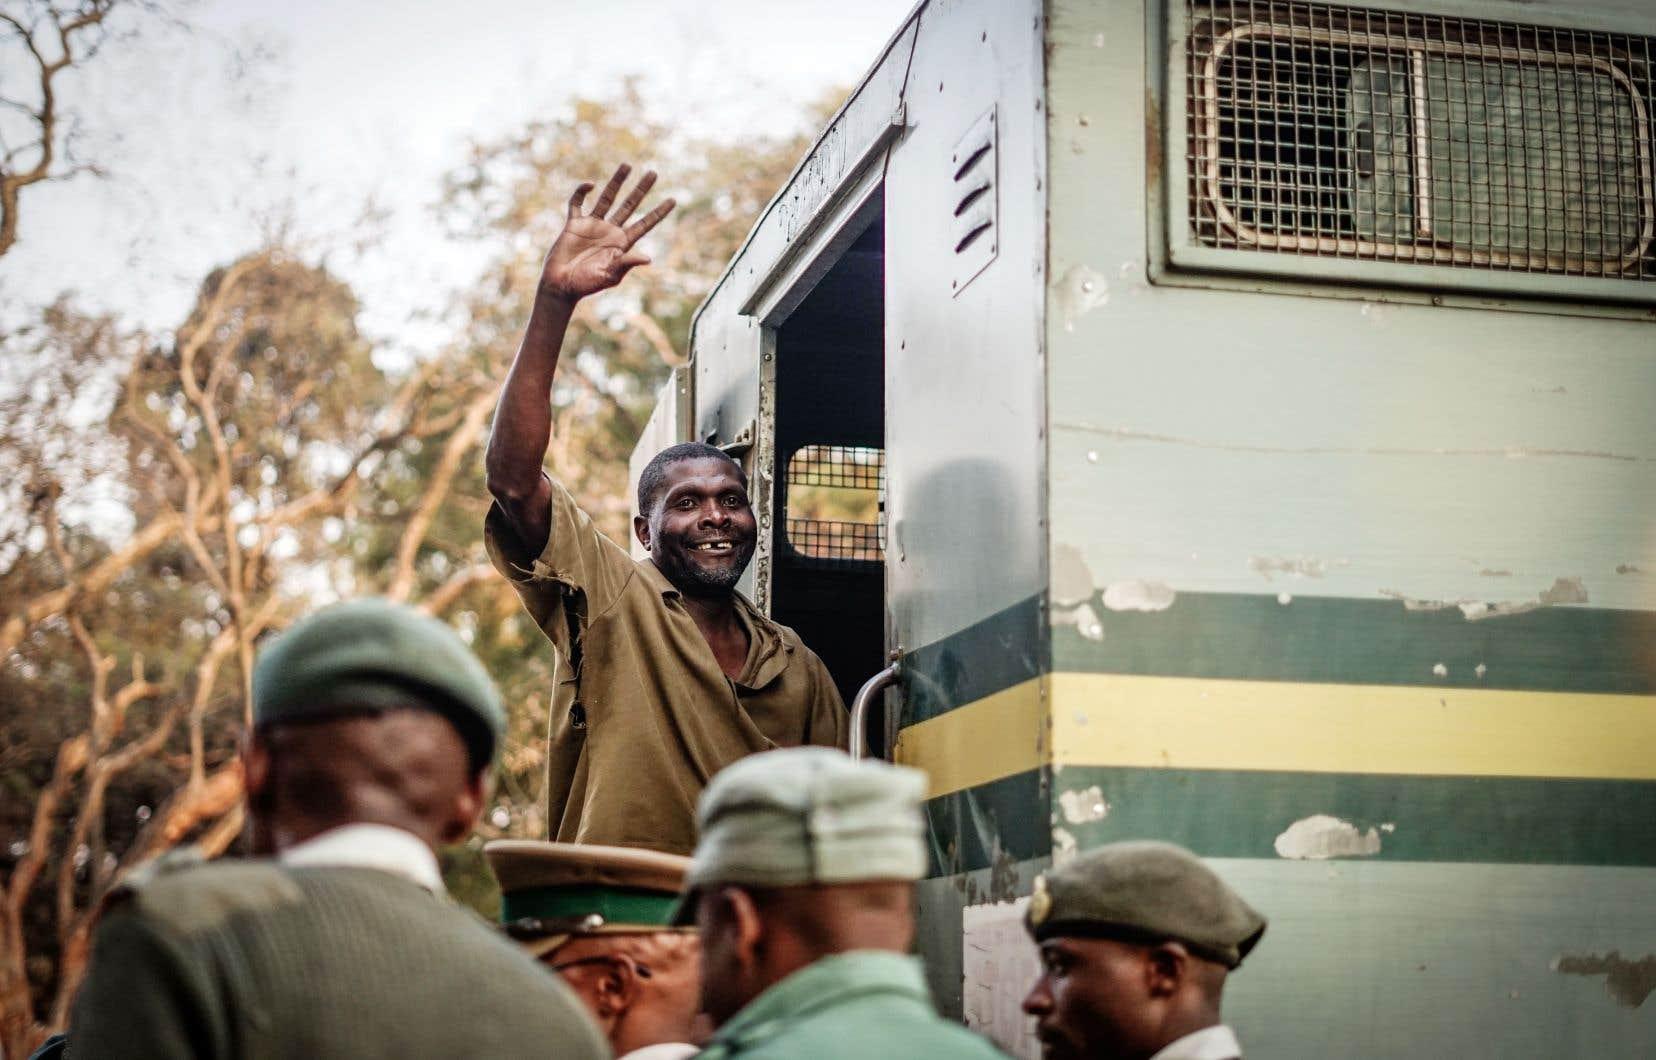 Un partisan du Mouvement pour le changement démocratique fait le geste symbolique de son parti alors qu'il est escorté du palais de justice à un camion de la police.